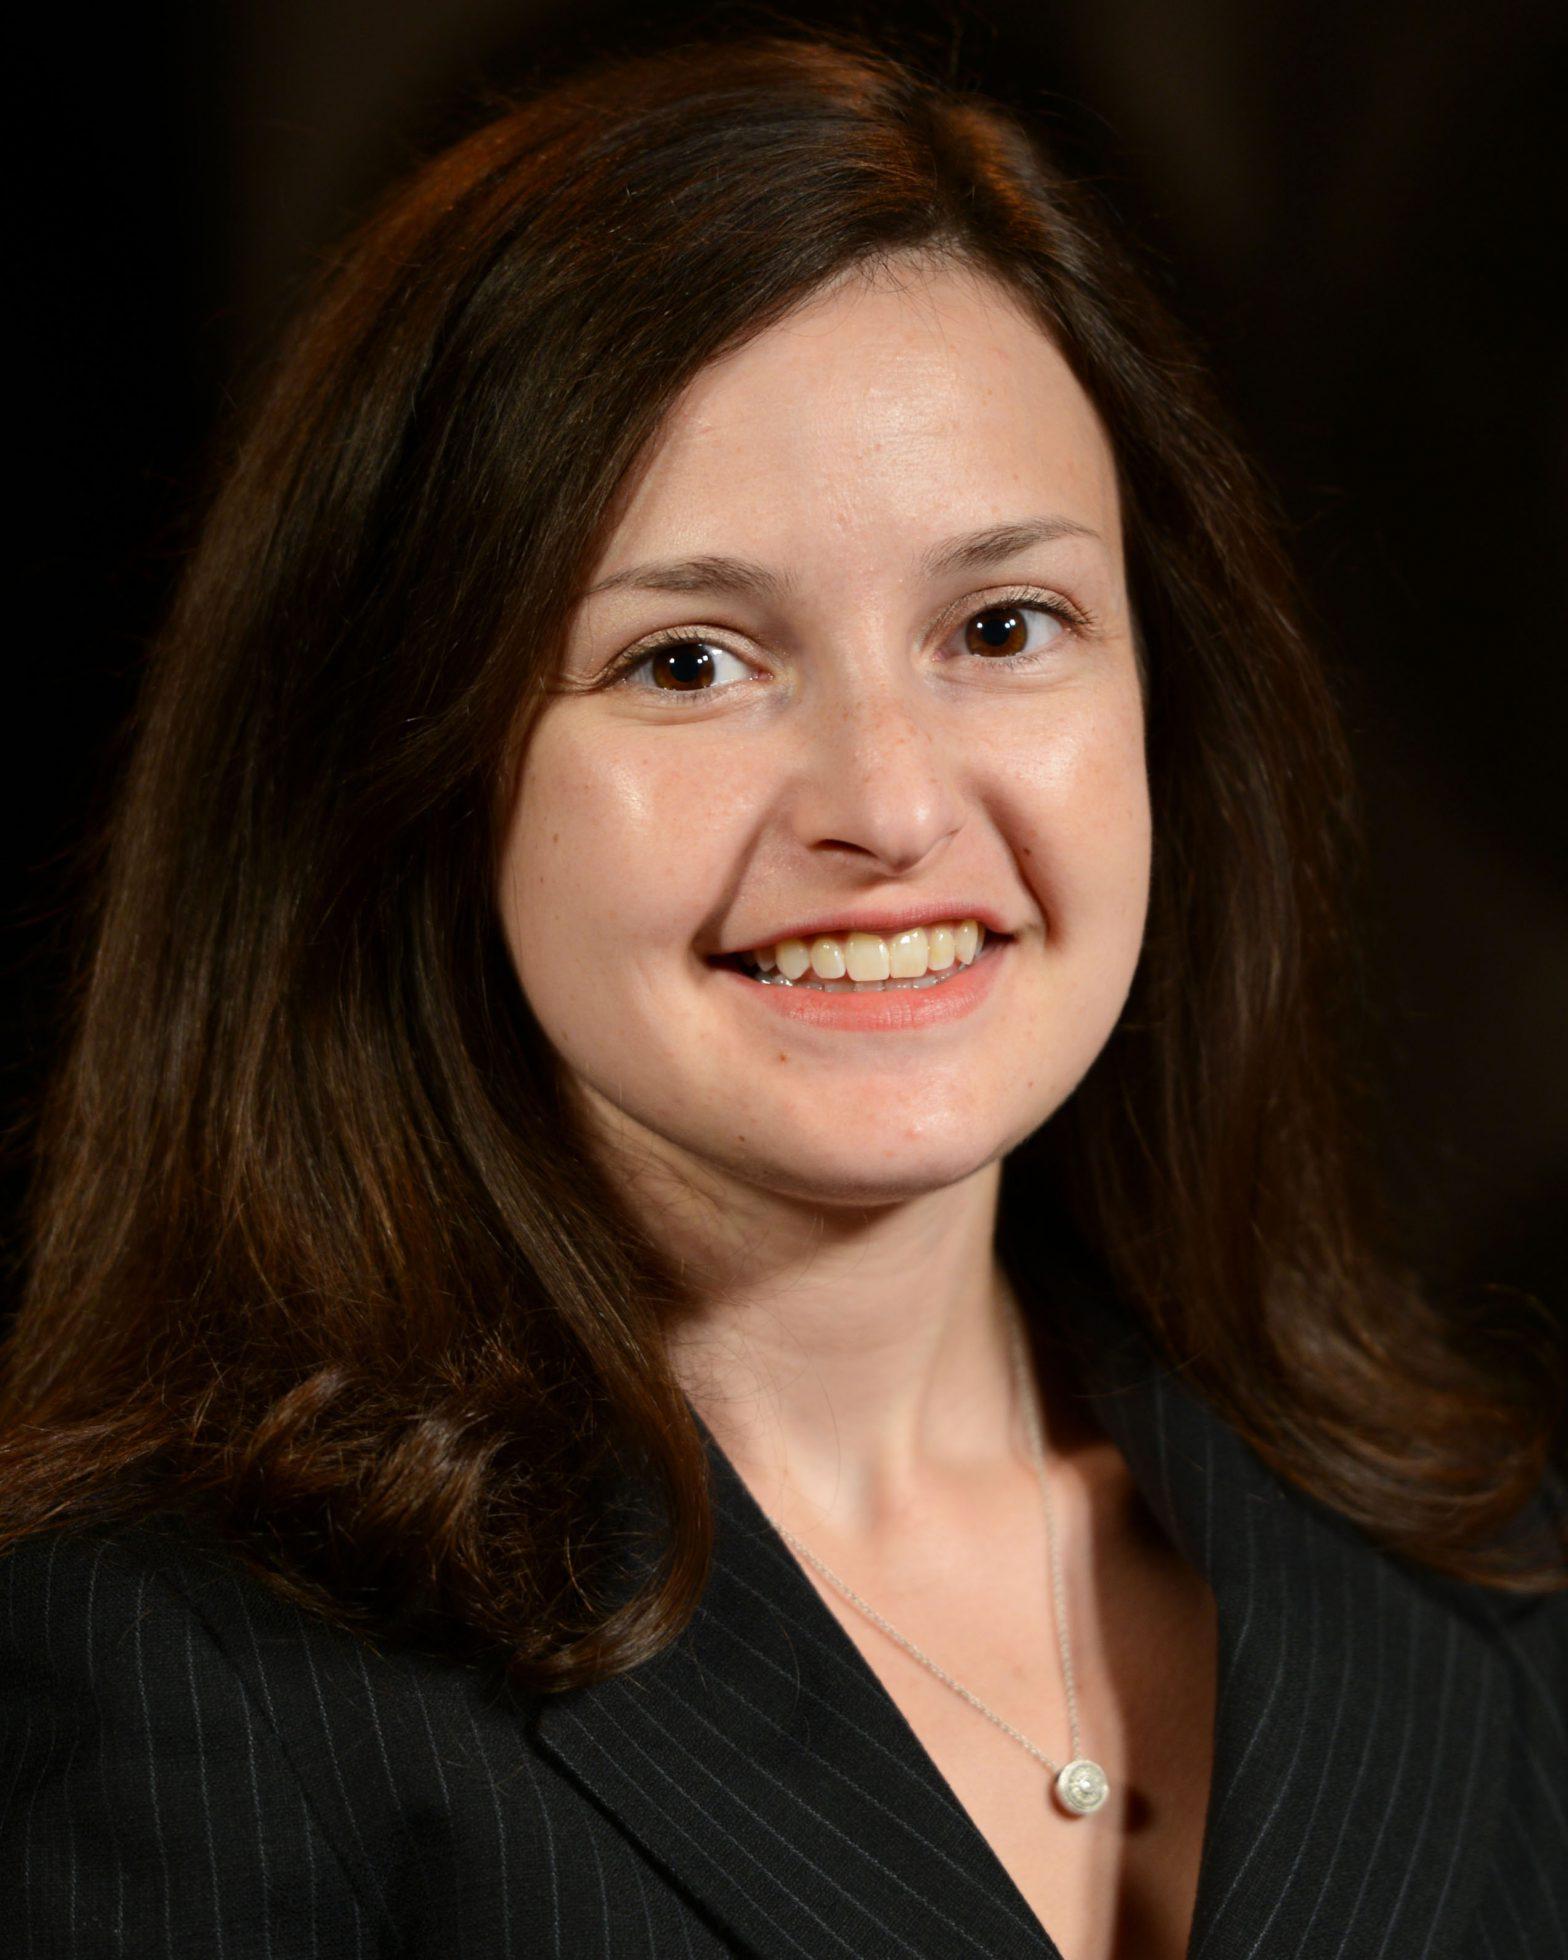 Photo of Abramowitz, Joelle Hillary